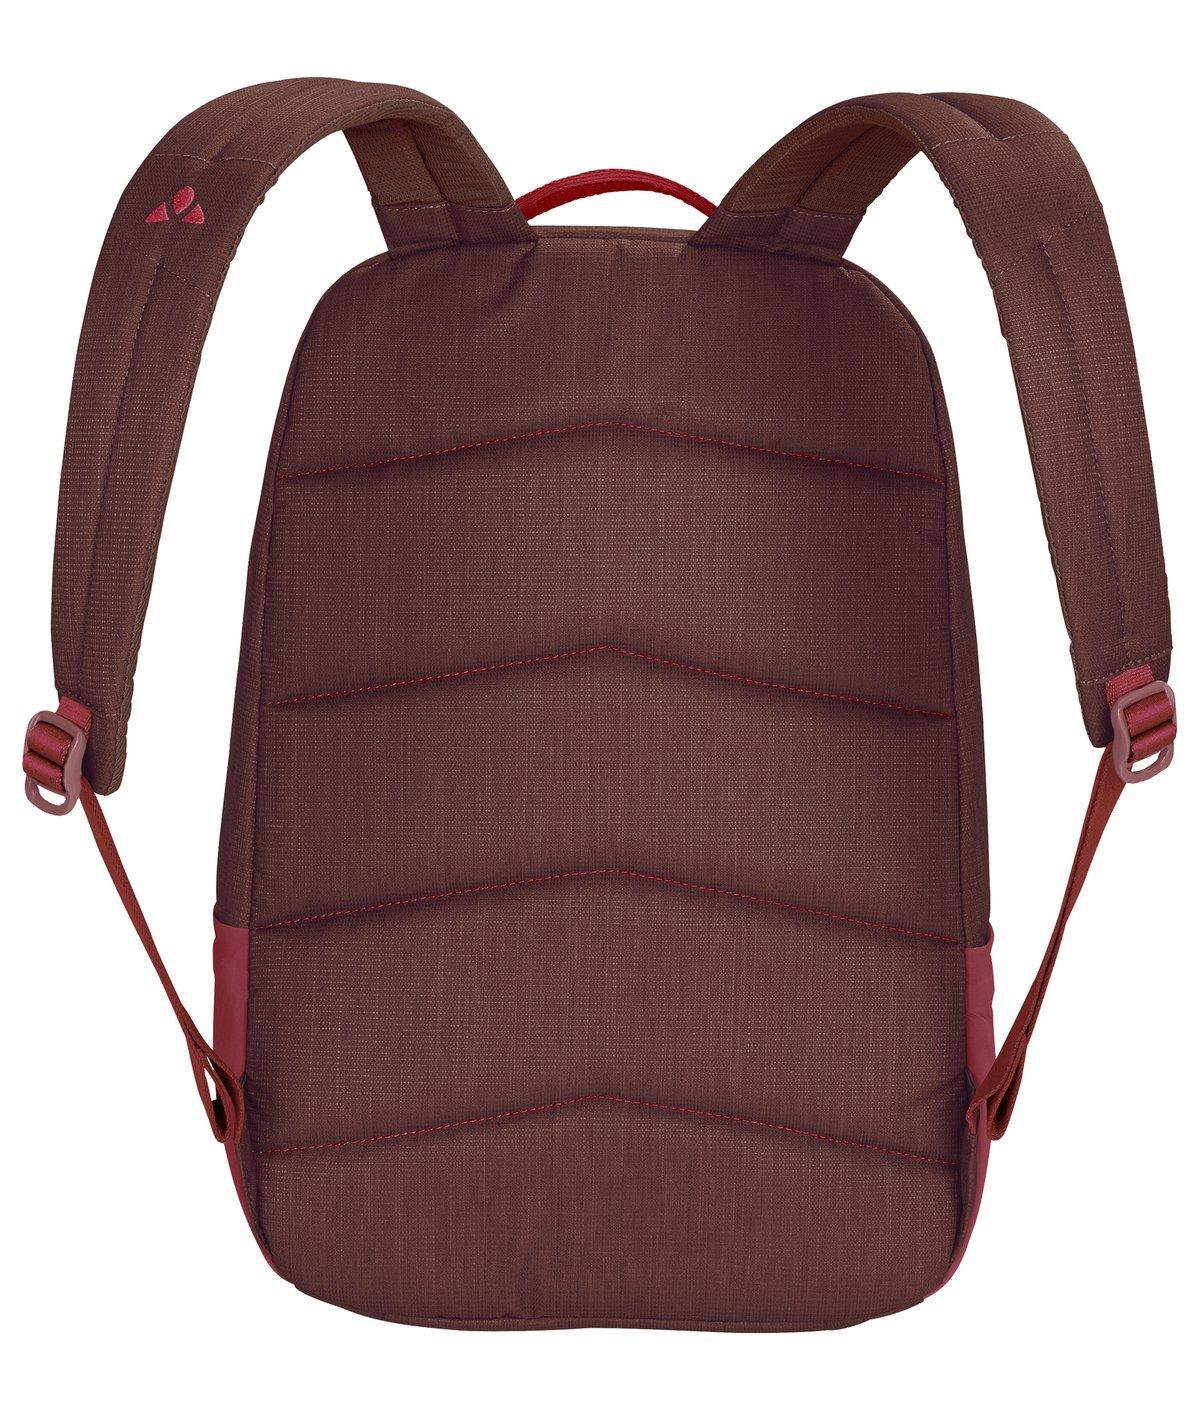 Vaude Petali Big Ii Bag